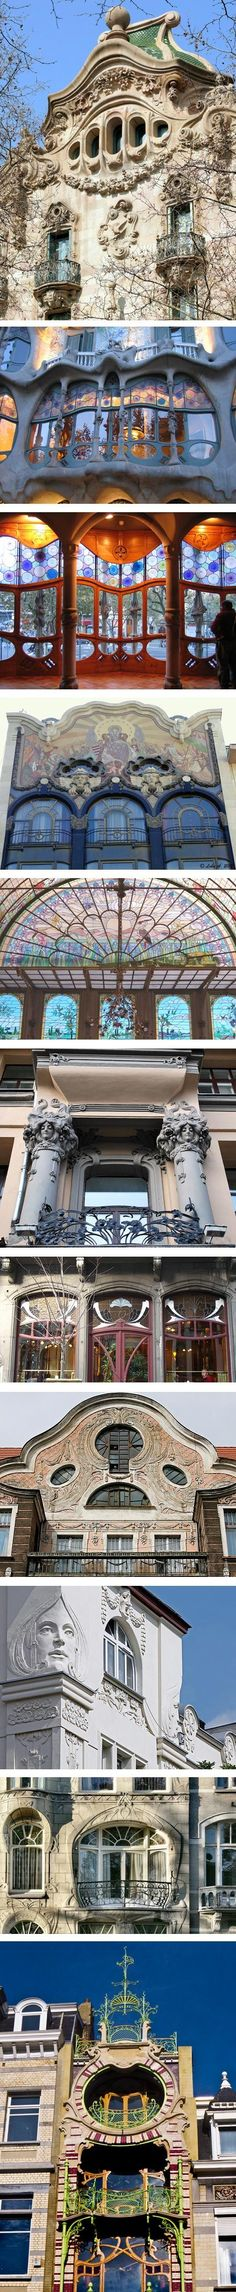 Art Nouveau Windows